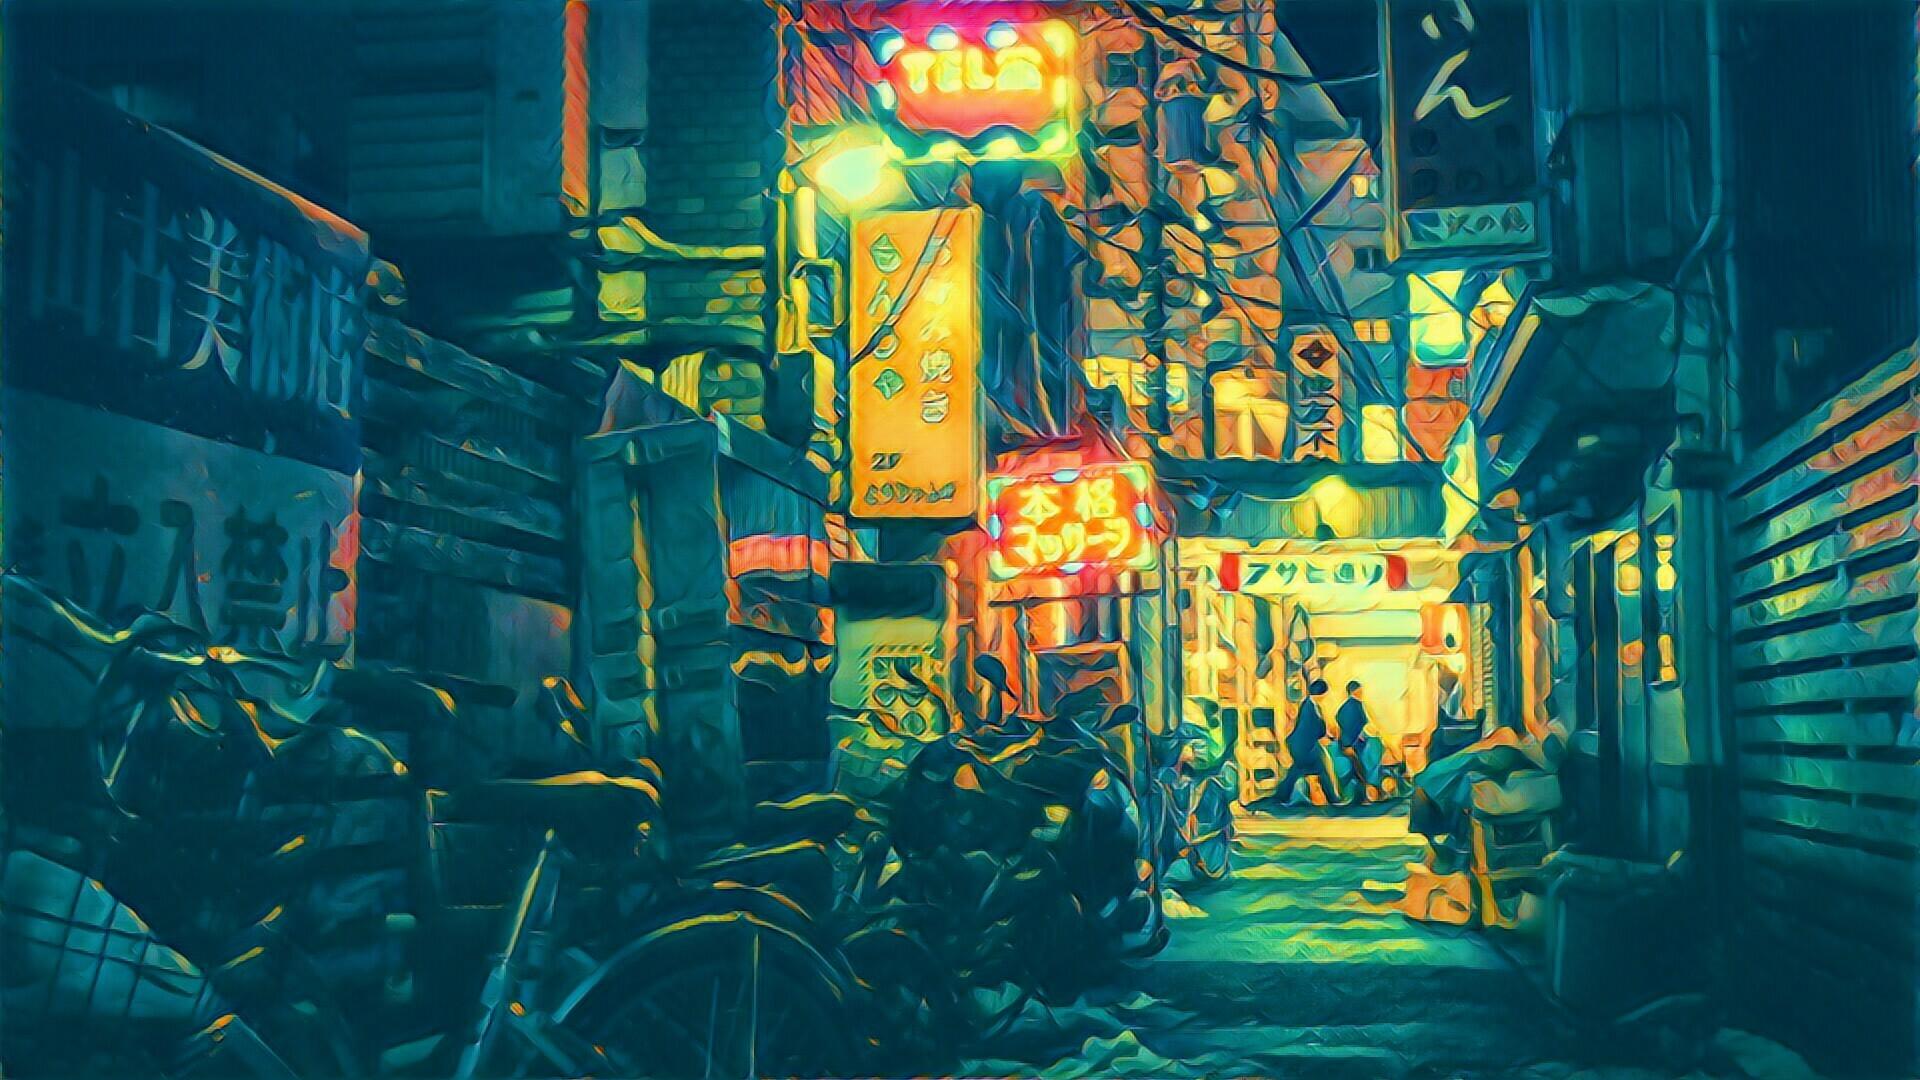 Hình Nền Nhiếp ảnh Màu Xanh Da Trời Lọc Tokyo Nghệ